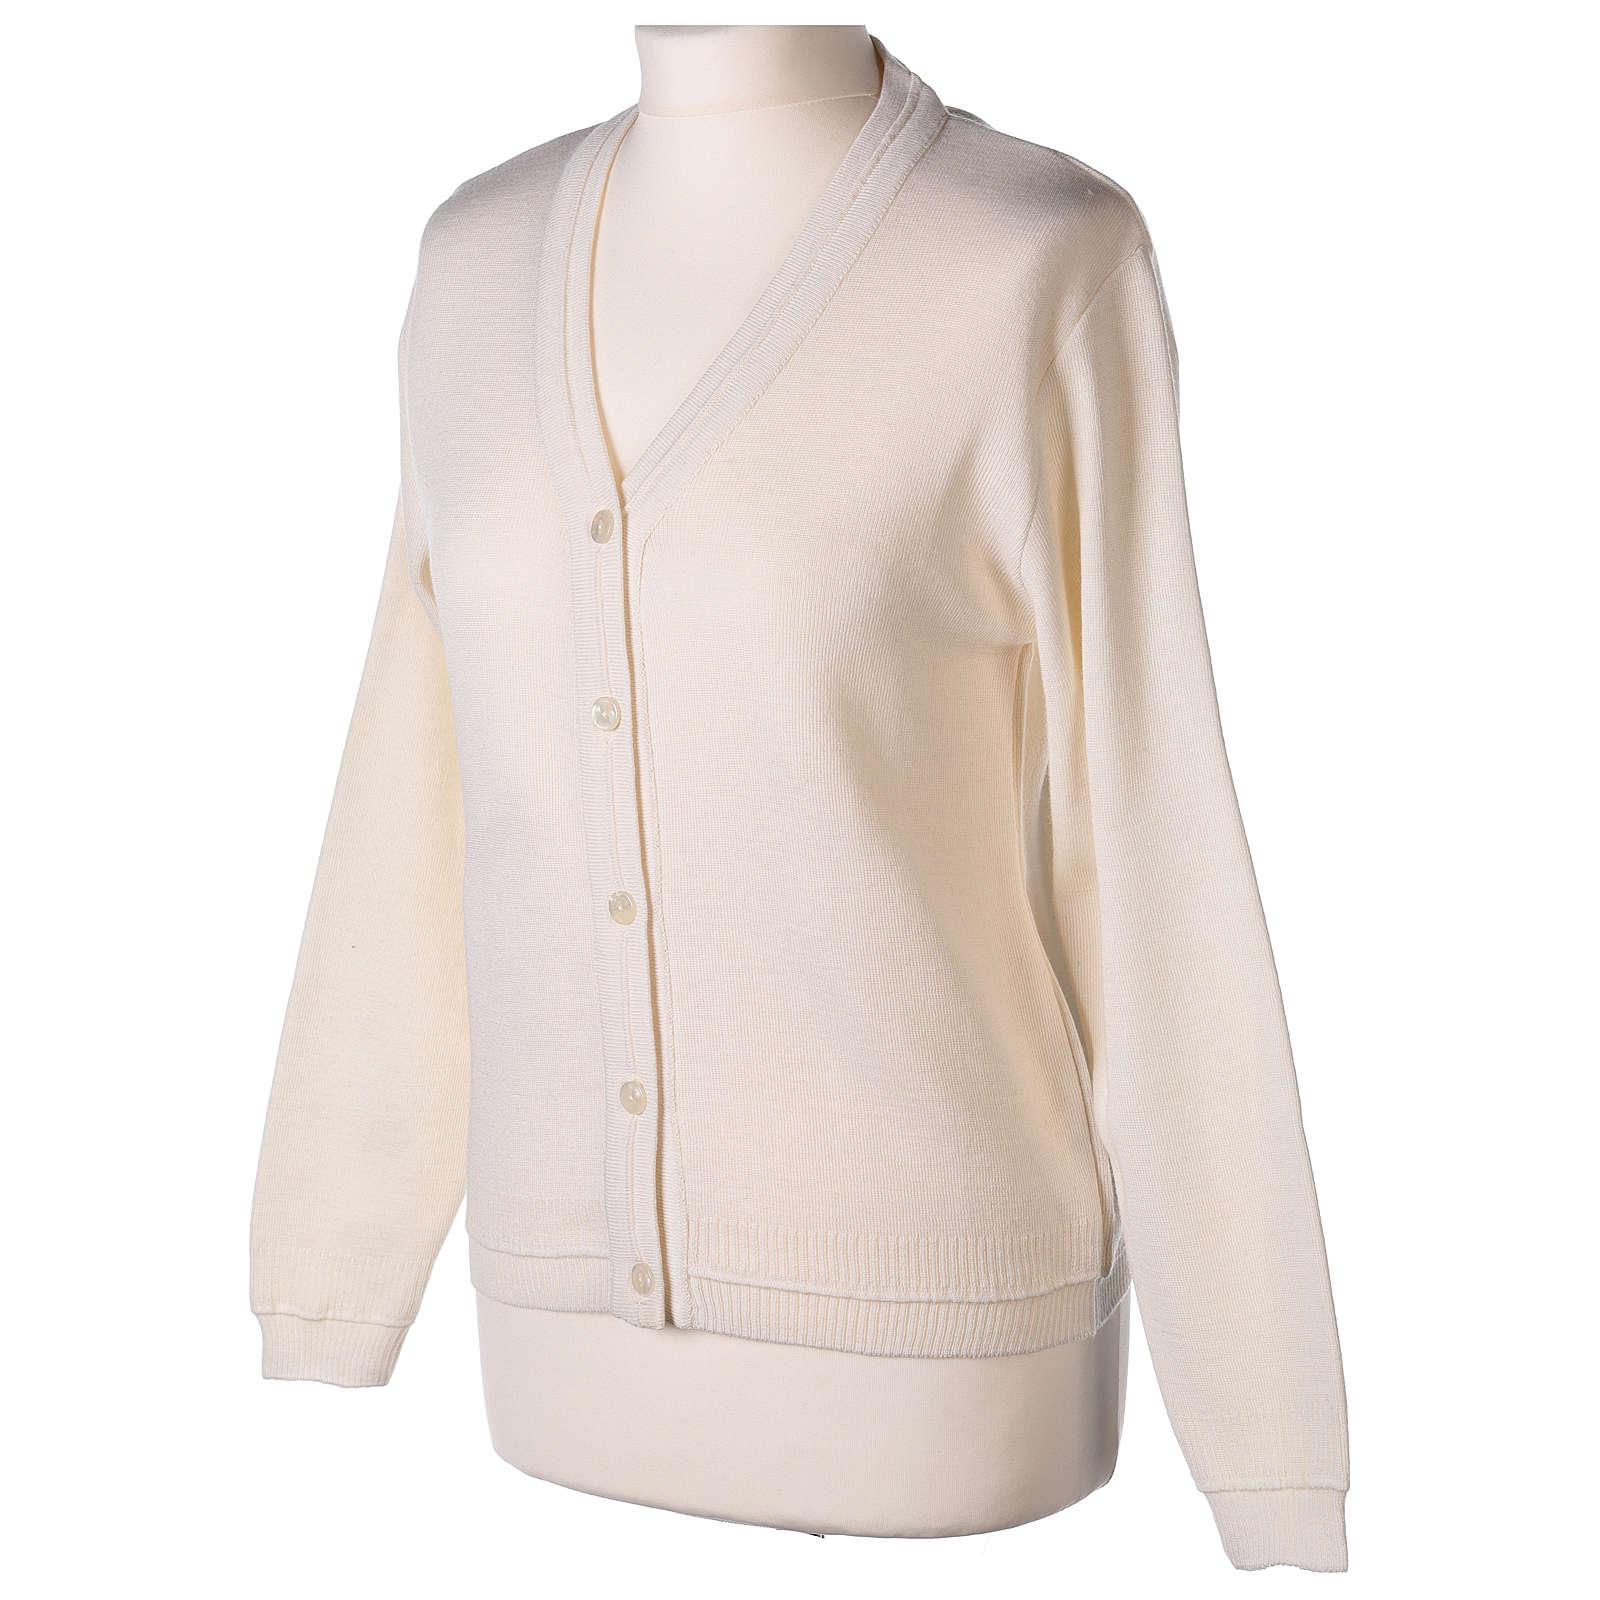 kurzer Damen-Cardigan, weiß, mit V-Ausschnitt, 50% Acryl - 50% Merinowolle, In Primis 4